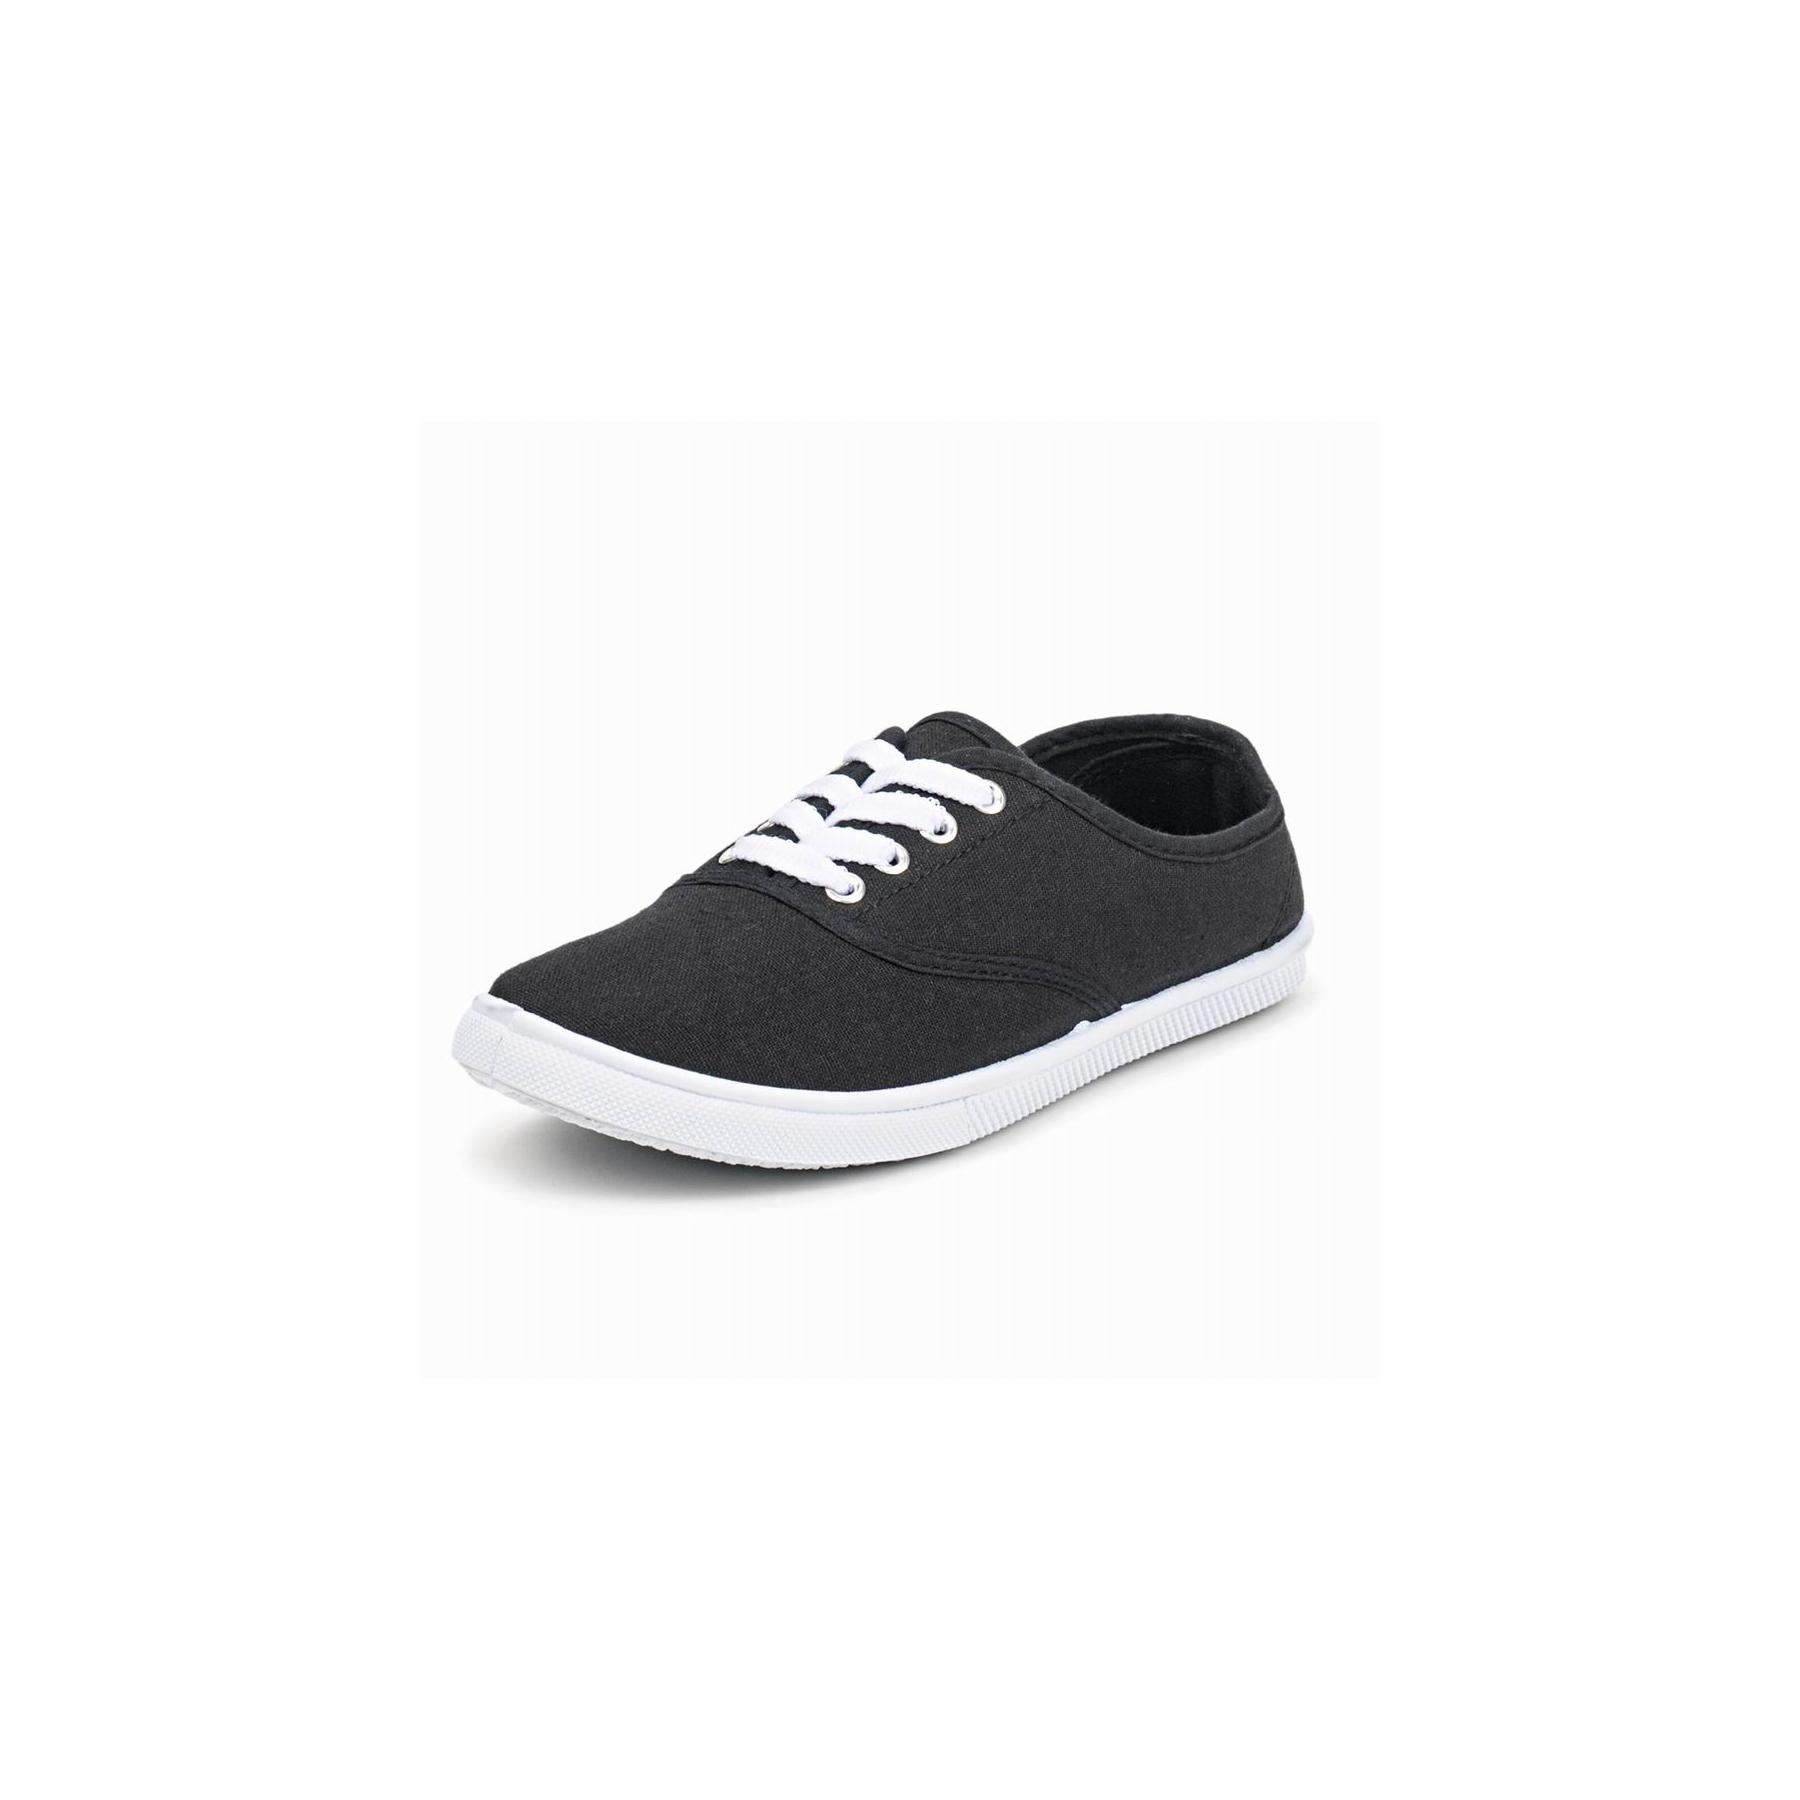 Обувь женская Trien  LGC 9102 черная текстиль р. 39